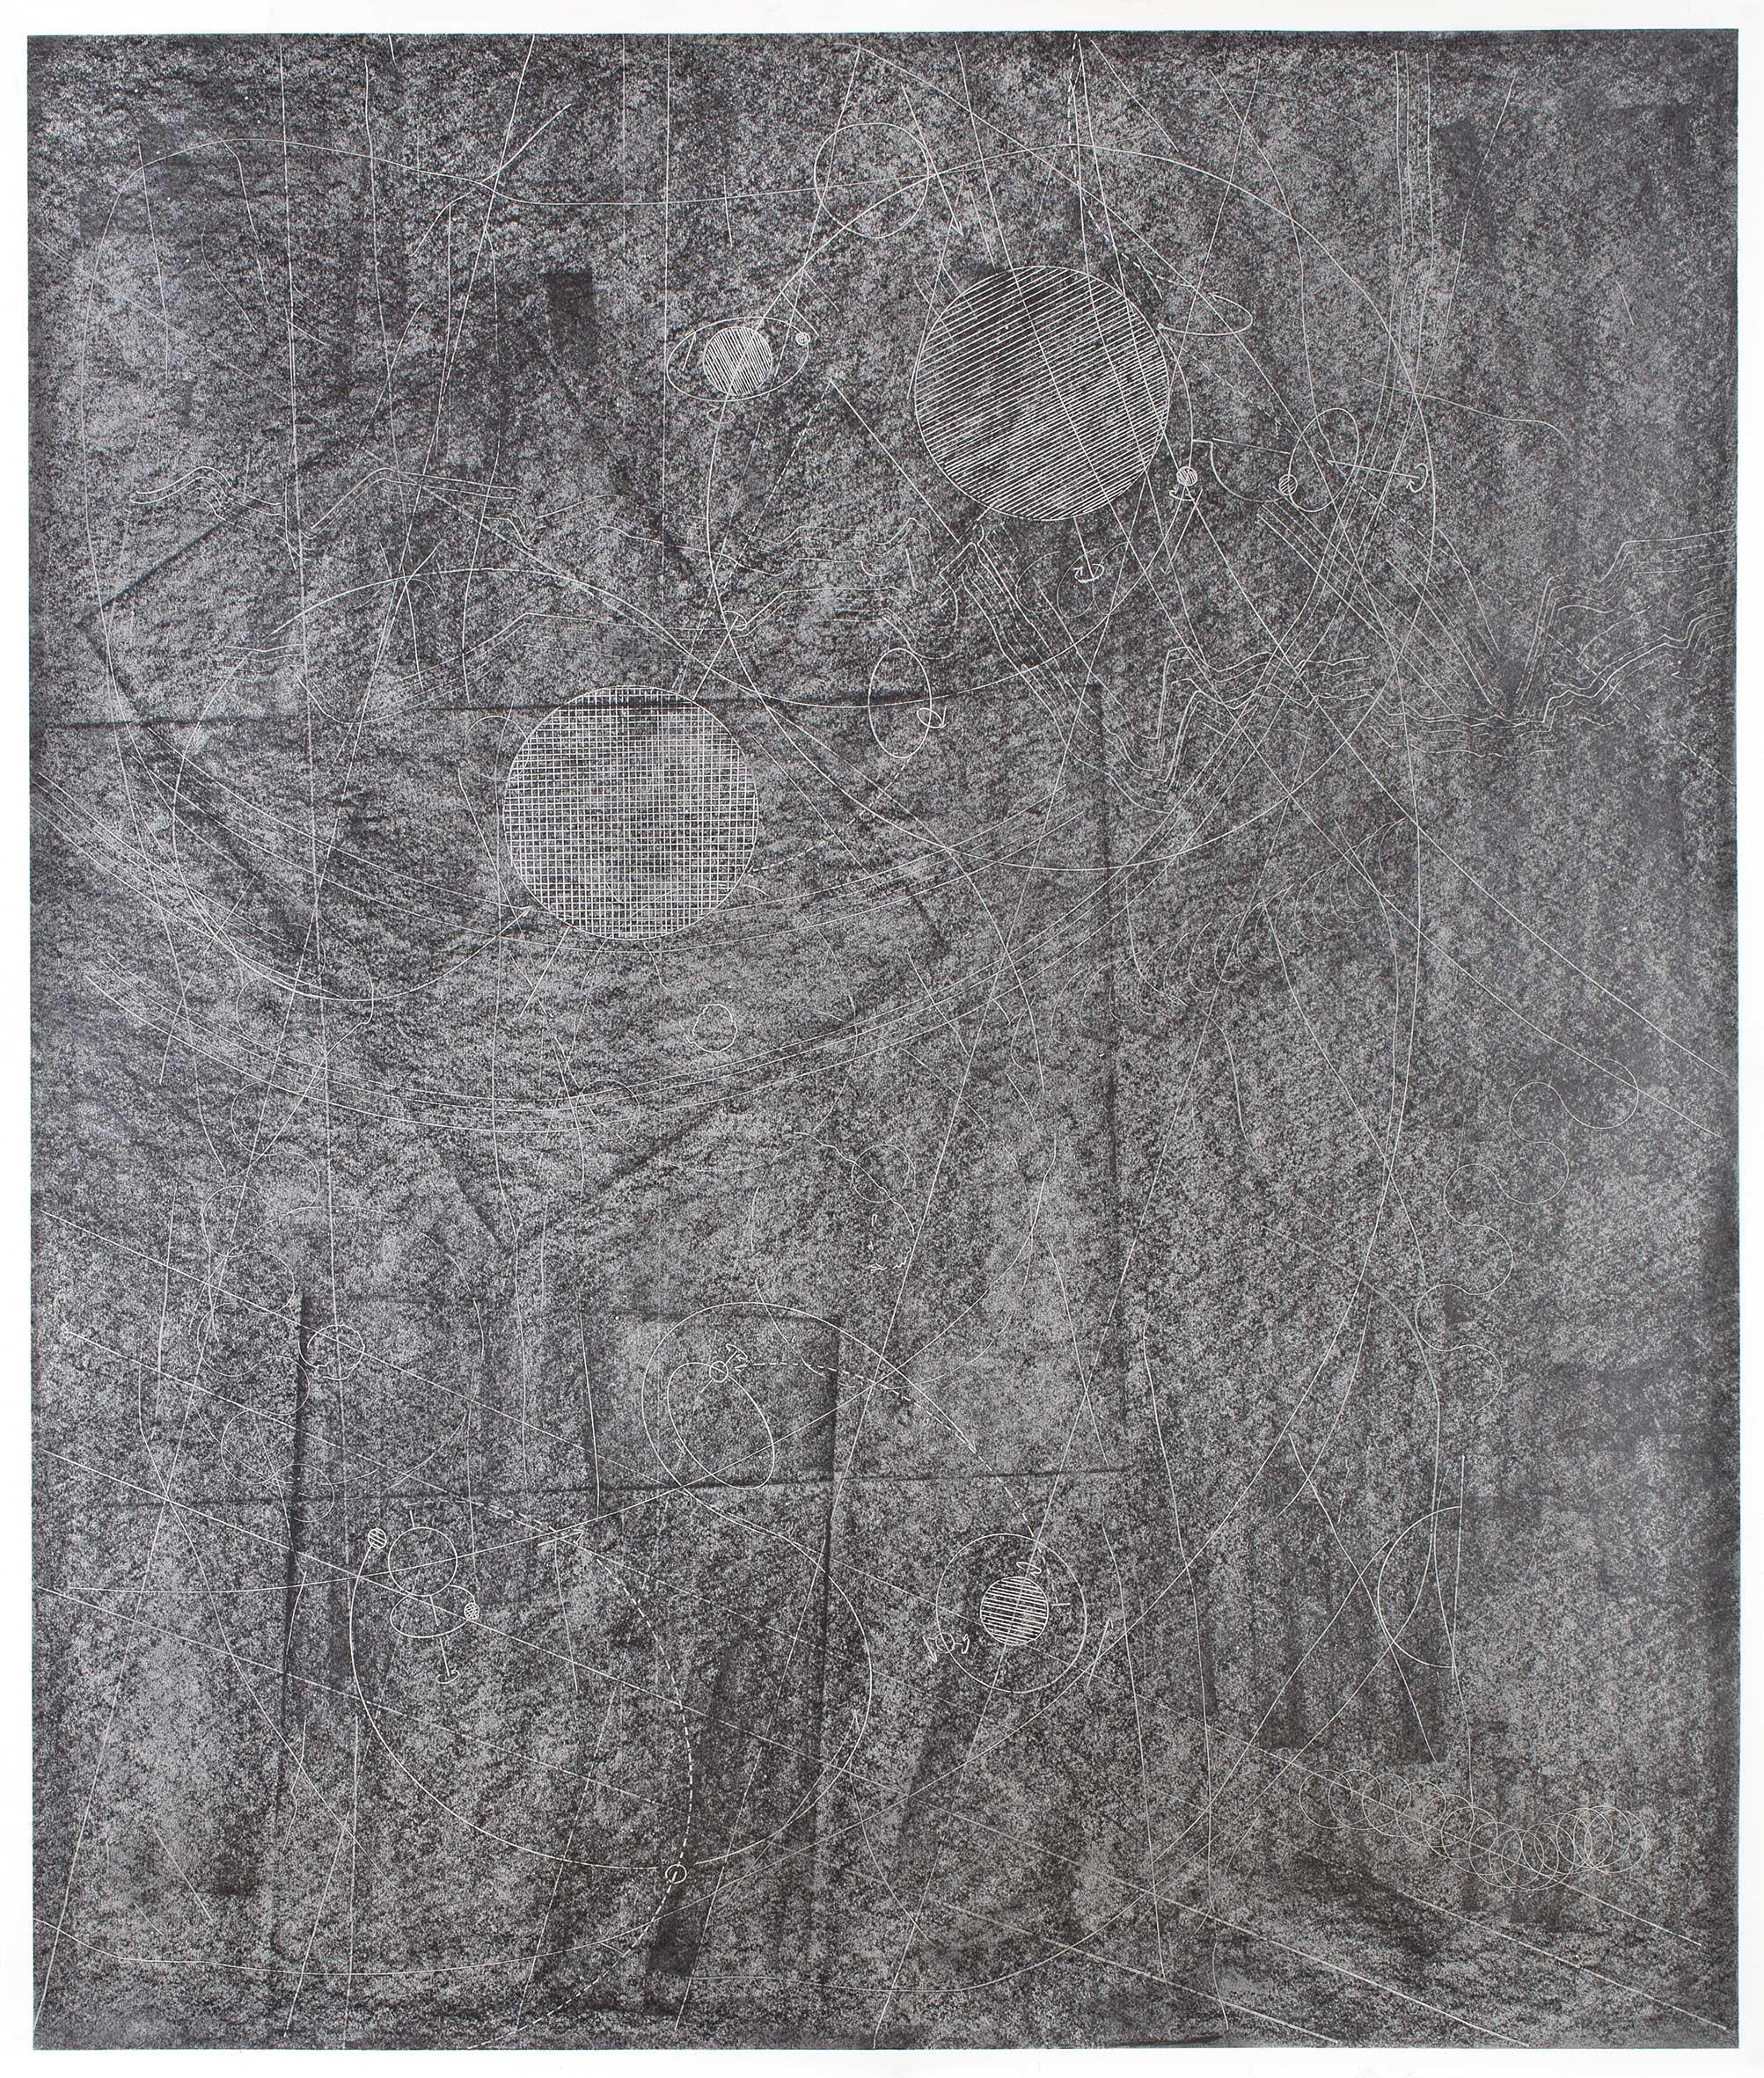 """""""Raumroute II"""" 110 x 100 cm Bleistift auf Papier (Foto: Krinzinger Projekte / Jasha Greenberg)"""